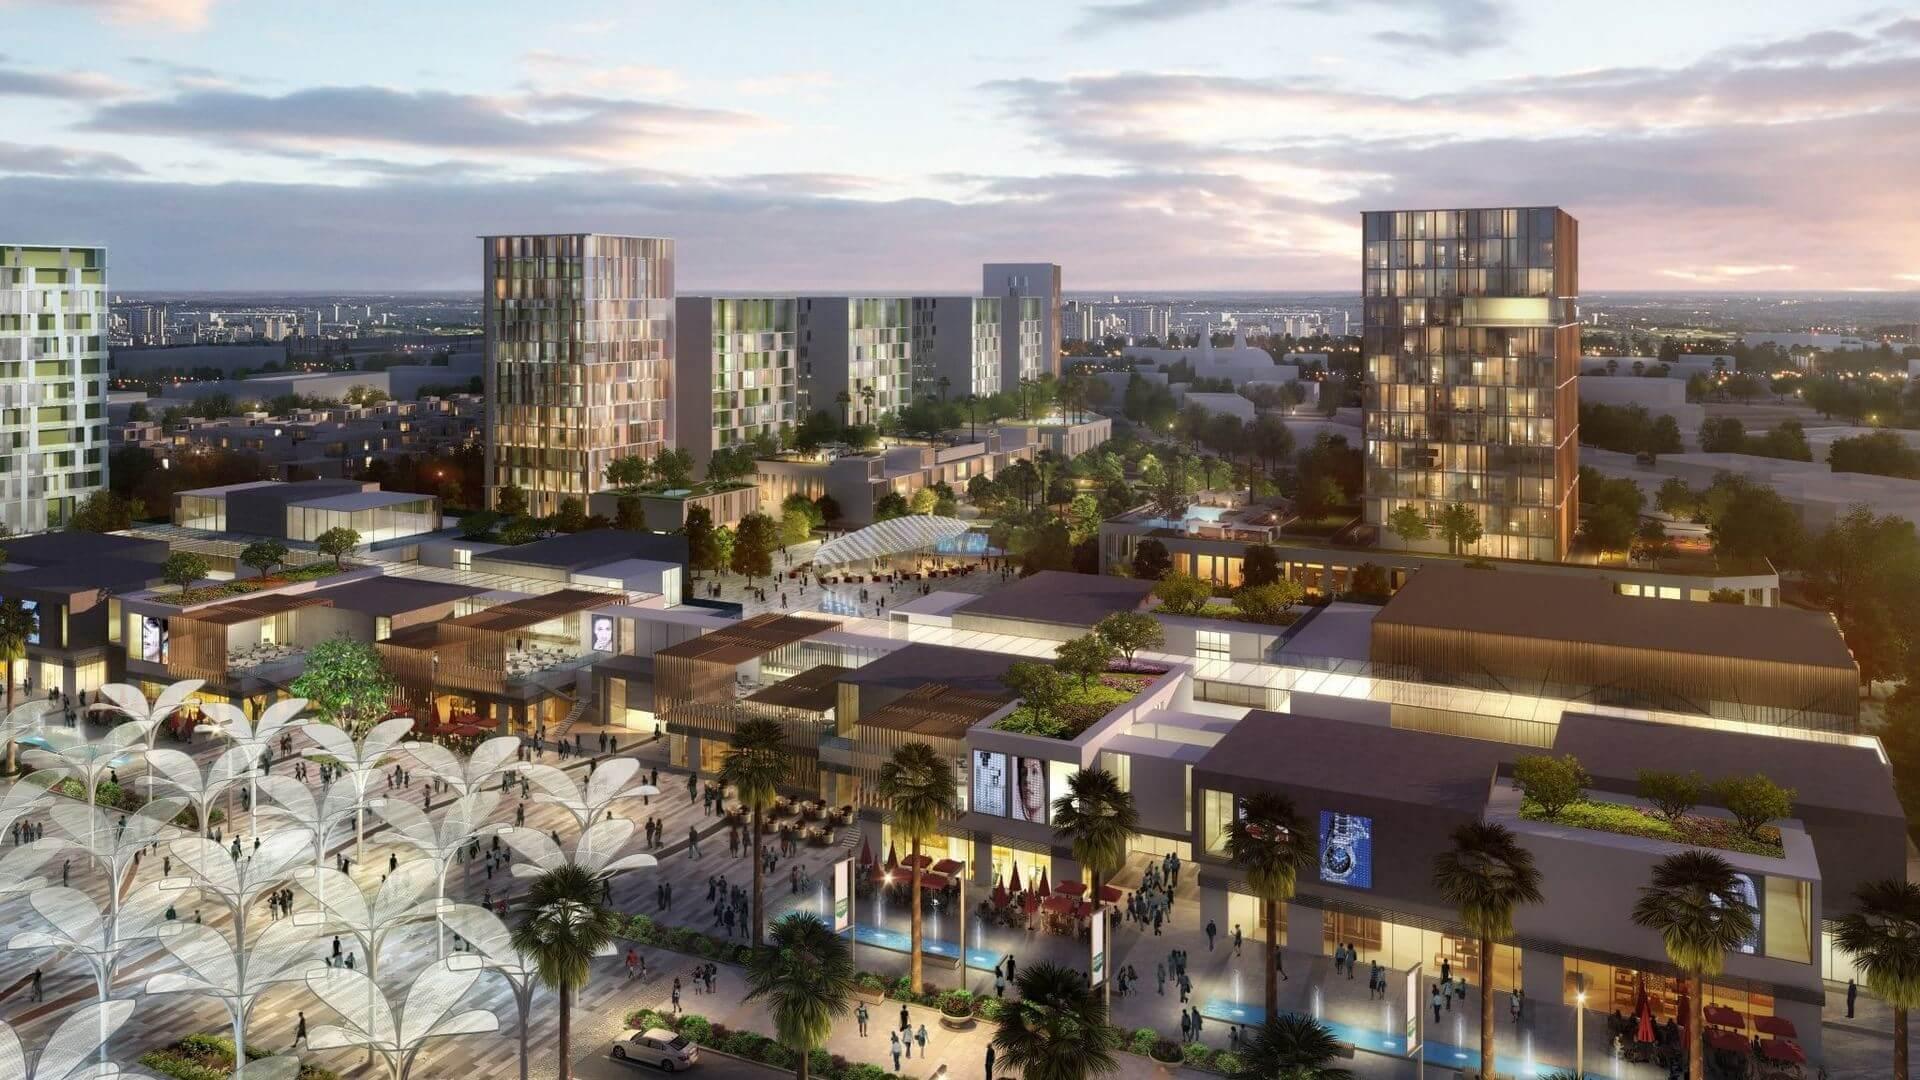 Adosado en venta en Dubai, EAU, 3 dormitorios, 241 m2, № 24637 – foto 5